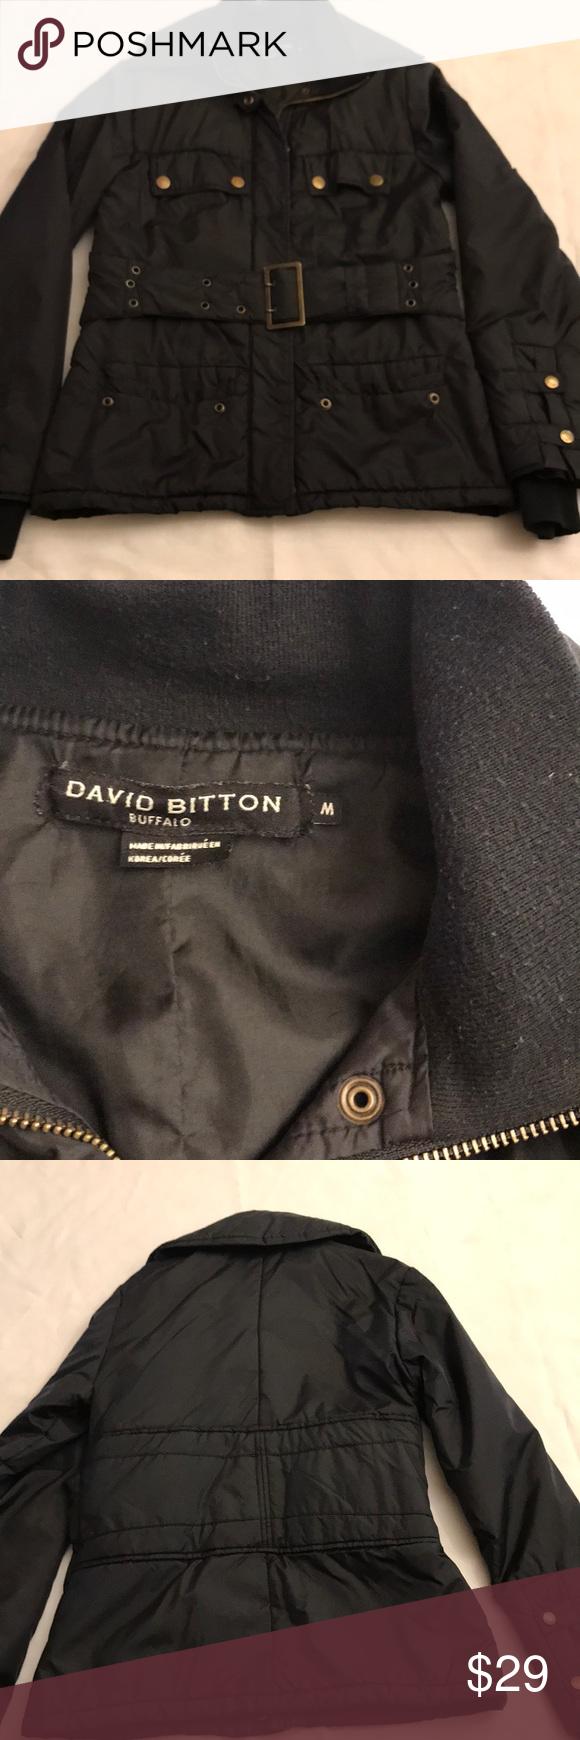 Women S Buffalo David Bitton Jacket Women S Black Buffalo David Bitton Jacket Buffalo David Bitton Jackets Coats Jackets Women Jackets For Women [ 1740 x 580 Pixel ]